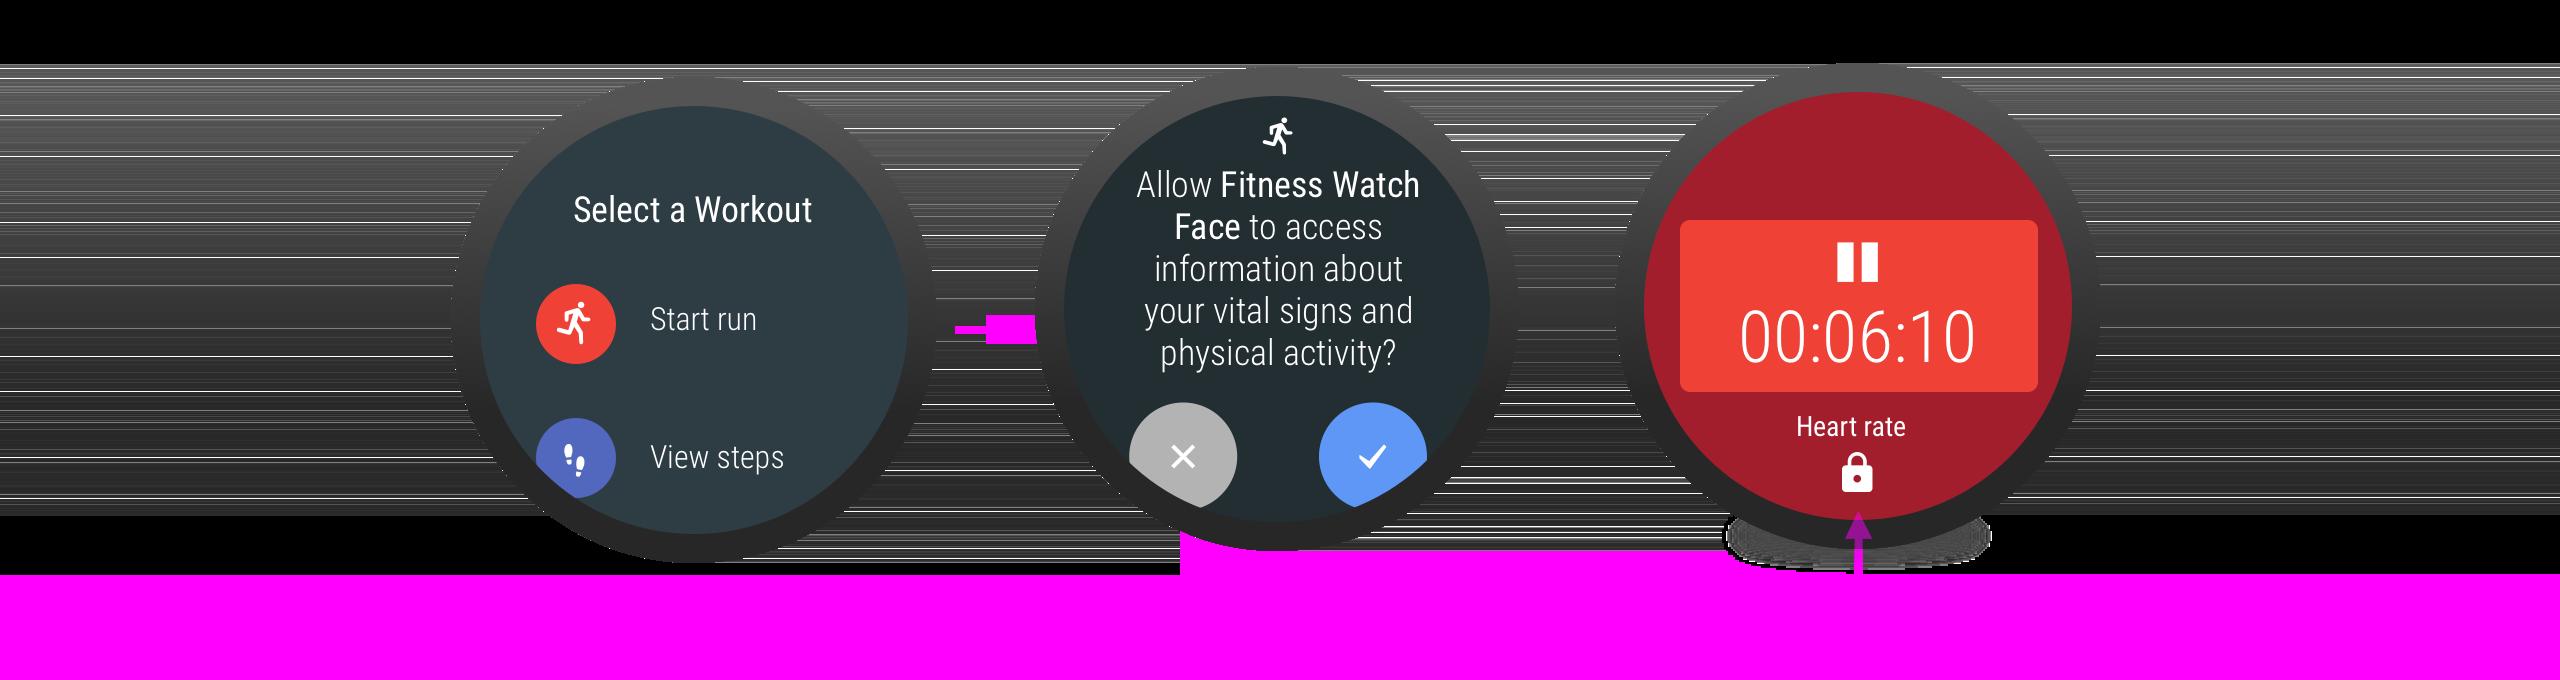 Cuando el usuario no otorga un permiso, aparece un ícono de cerrojo a lo largo de la característica asociada.